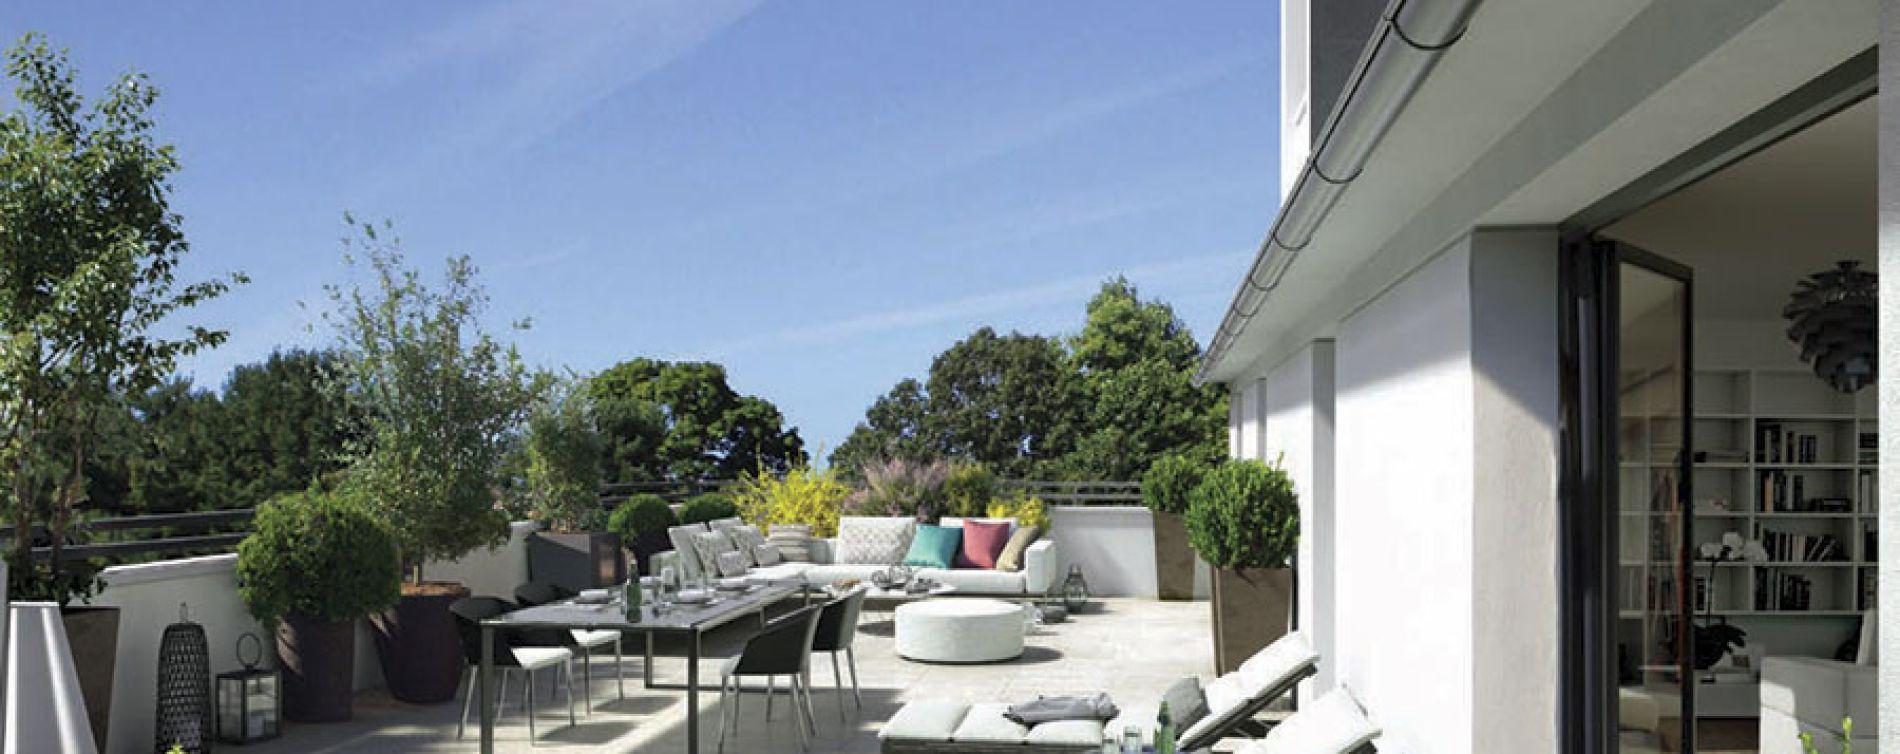 Résidence Domaine Villa Verde à Plaisir